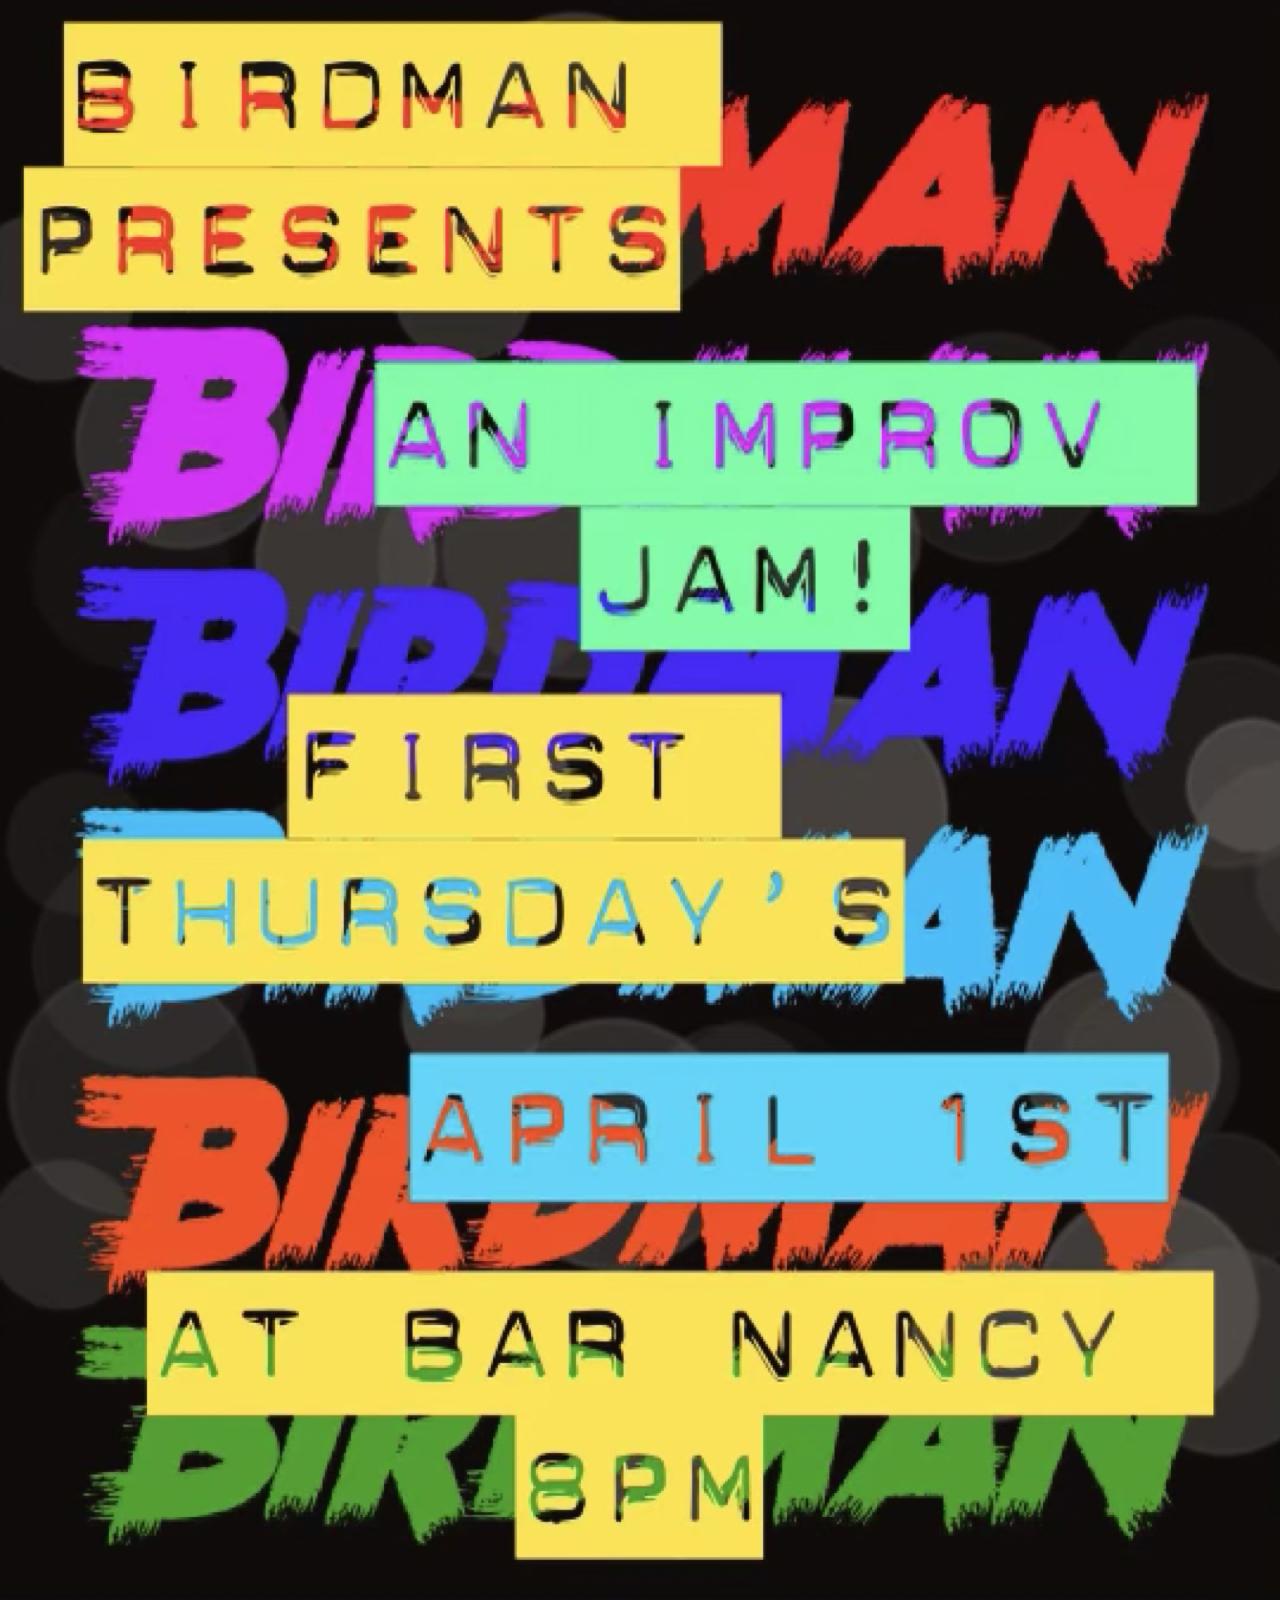 BIRDMAN PRESENTS...1st Thursdays! at Bar Nancy